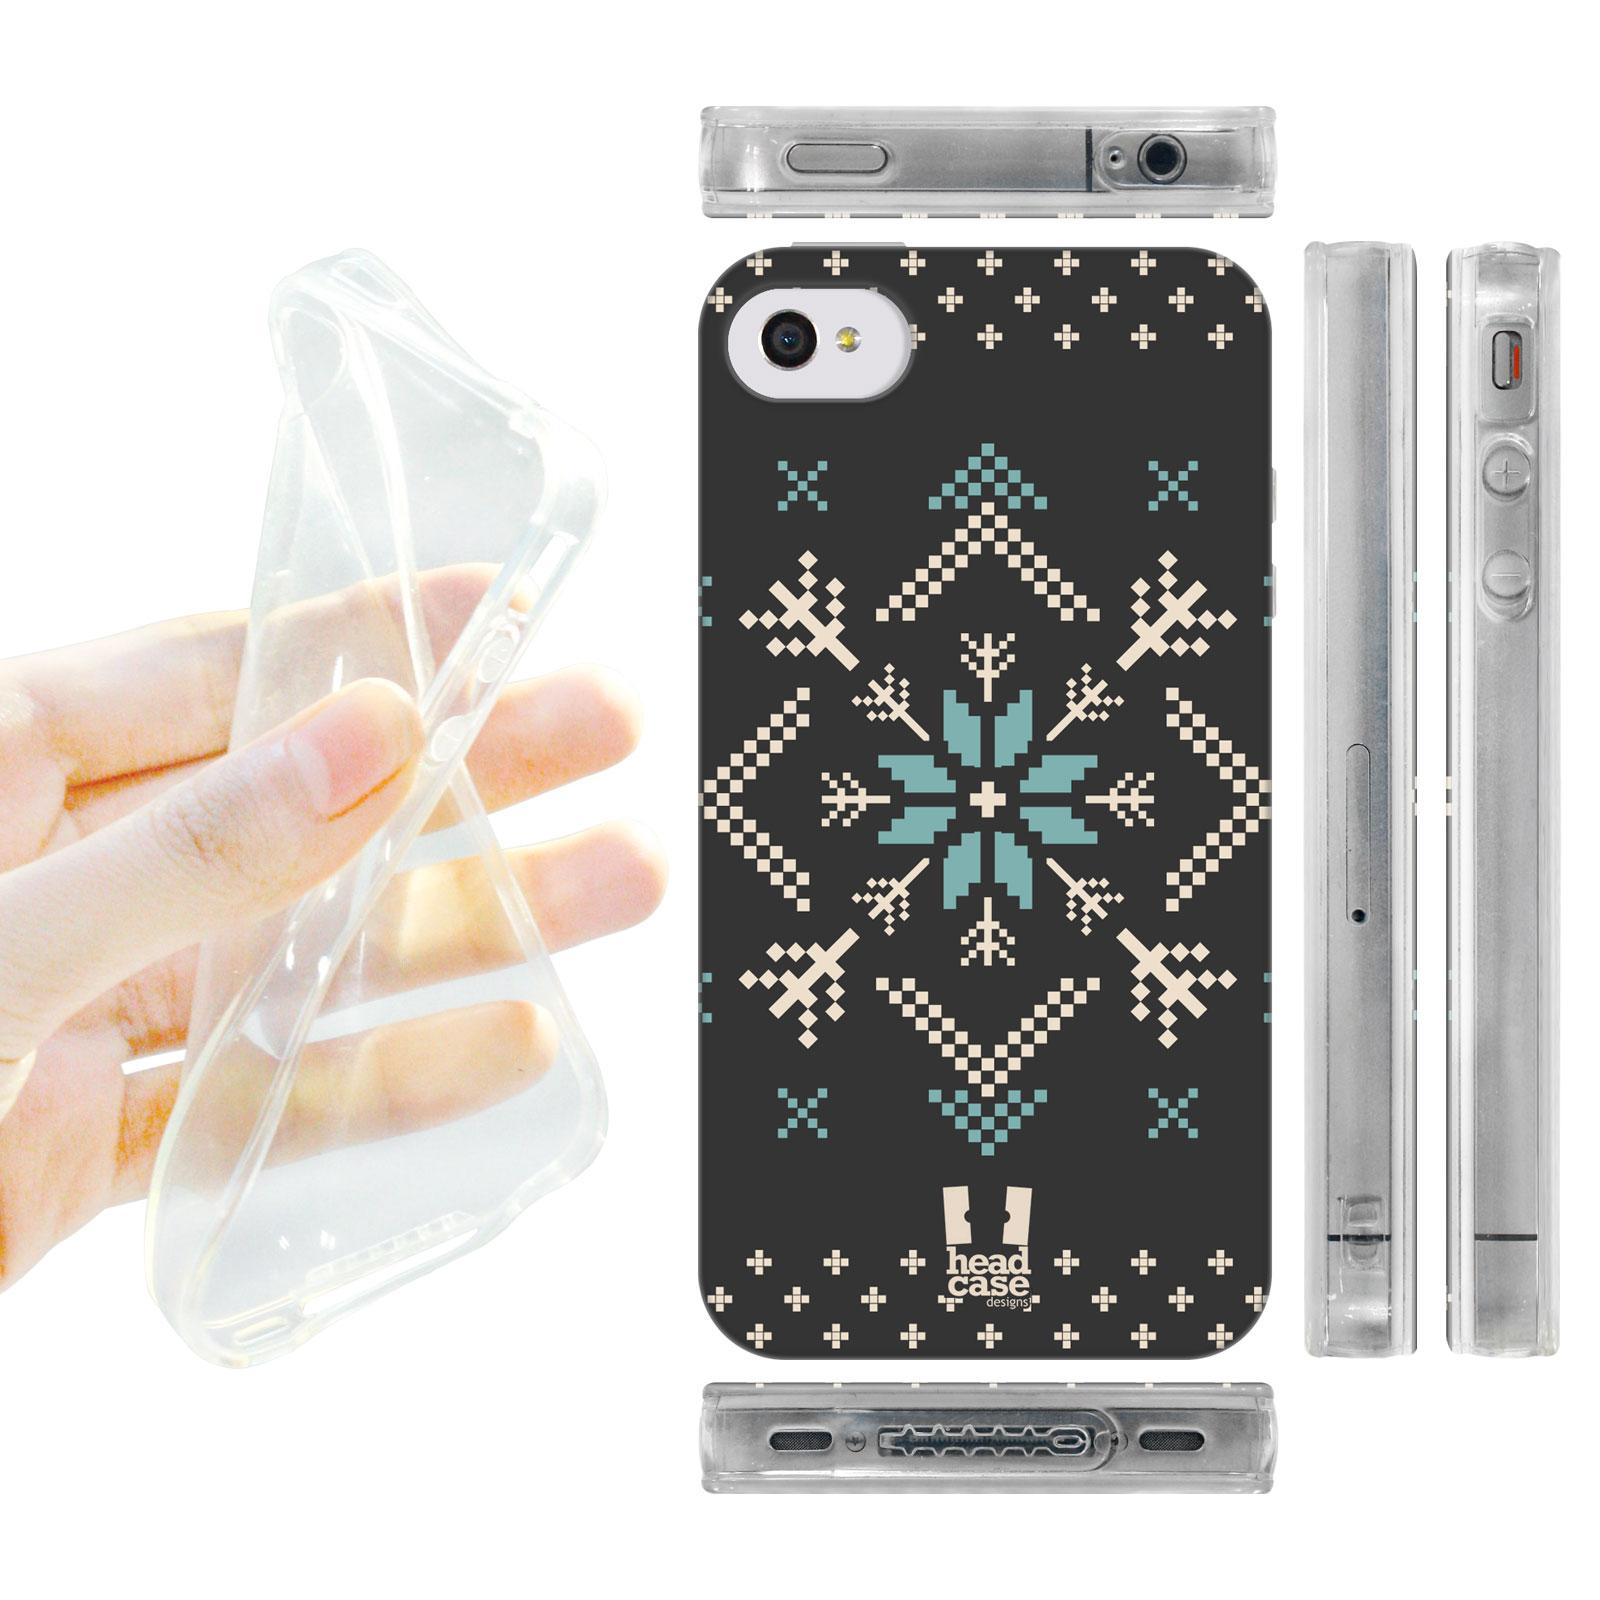 HEAD CASE silikonový obal na mobil Iphone 4/4S Vzor zima bílá vločka